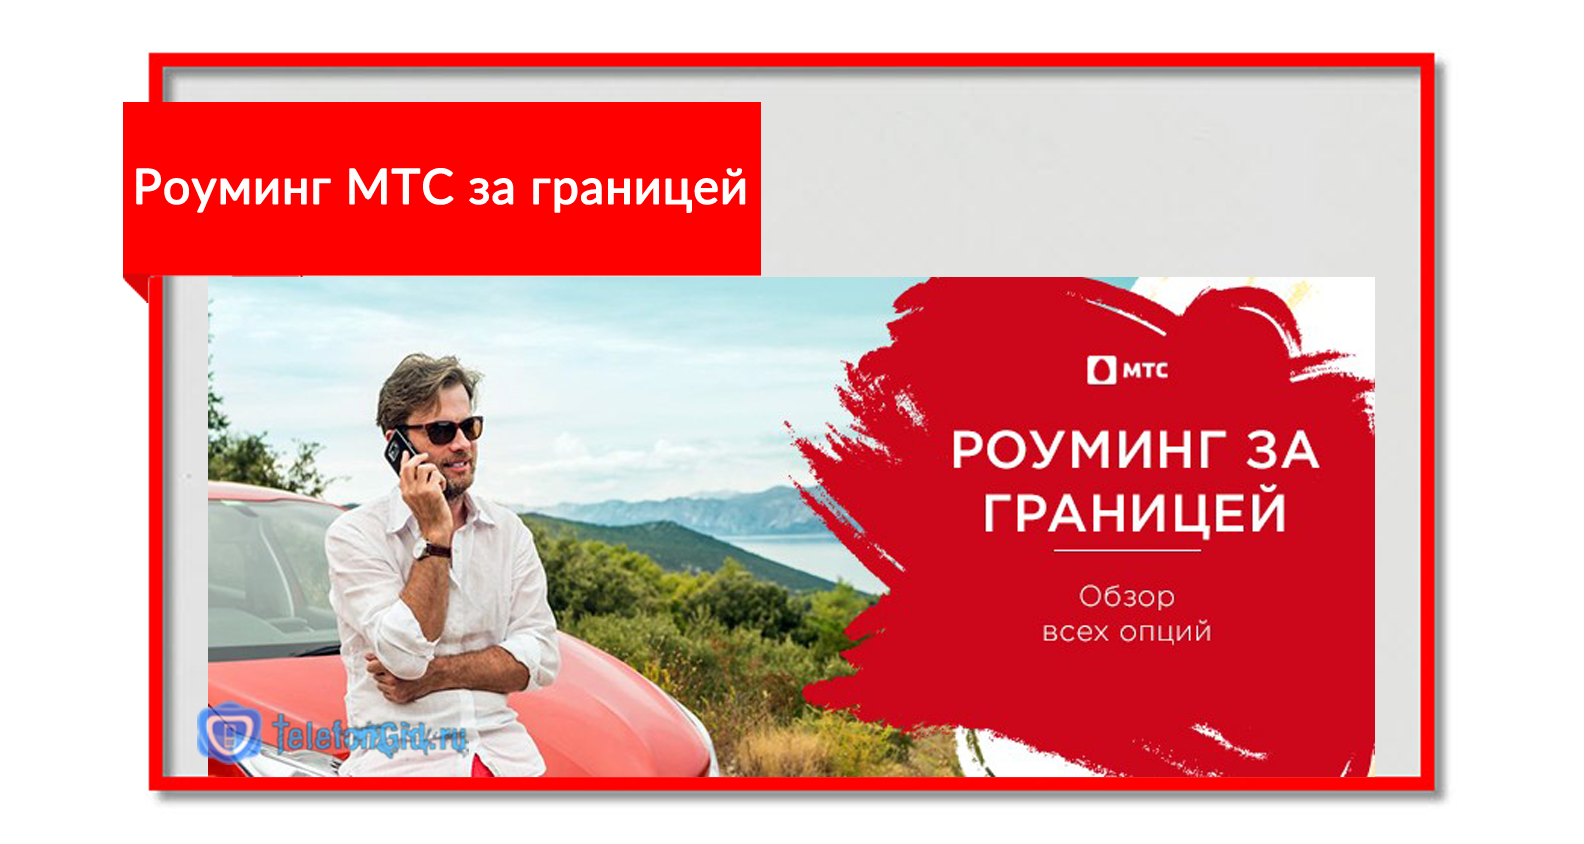 МТС роуминг за границей-тарифы,пакеты,опции и стоимость в ...